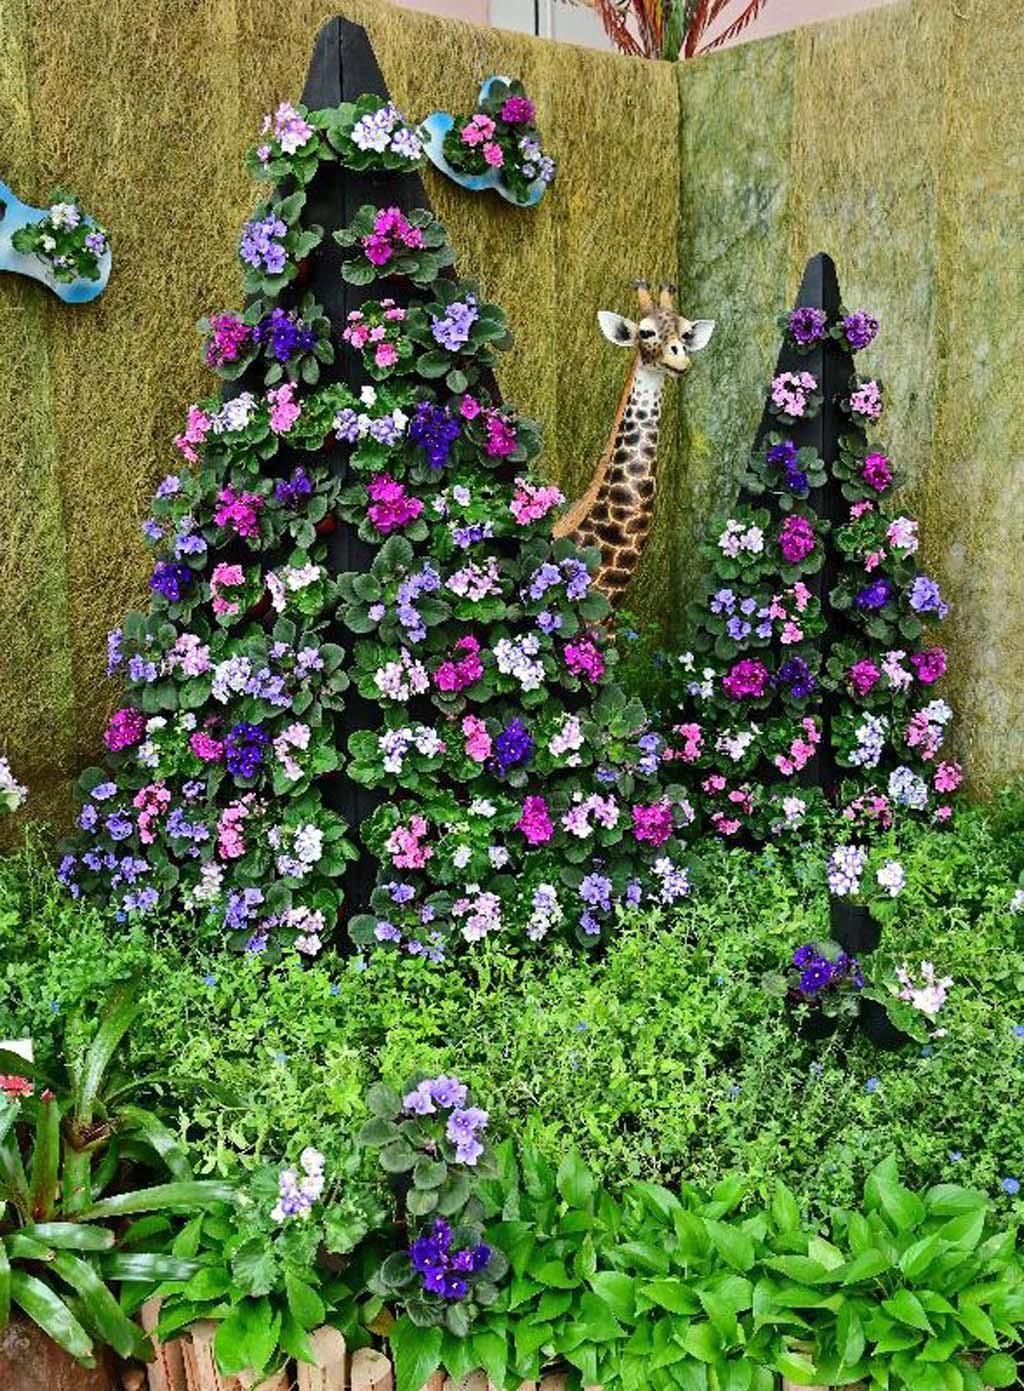 非洲紫羅蘭展 香港公園12月1日起免費觀賞